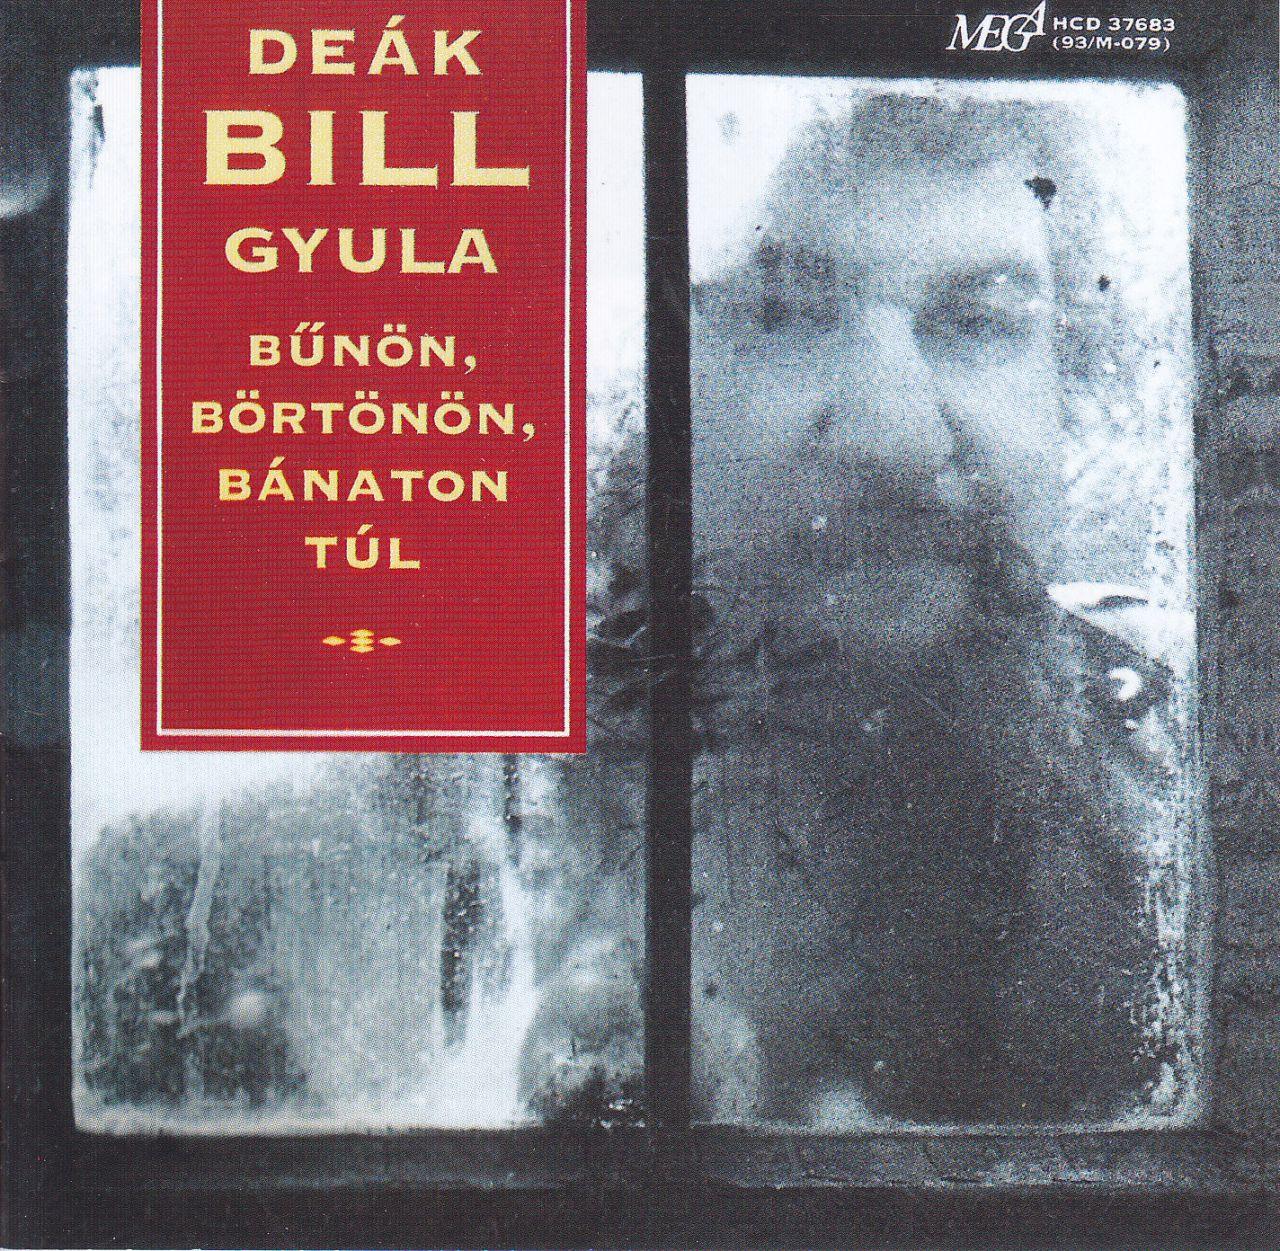 Deák Bill Gyula: Bűnön, börtönön,bánaton túl (CD)